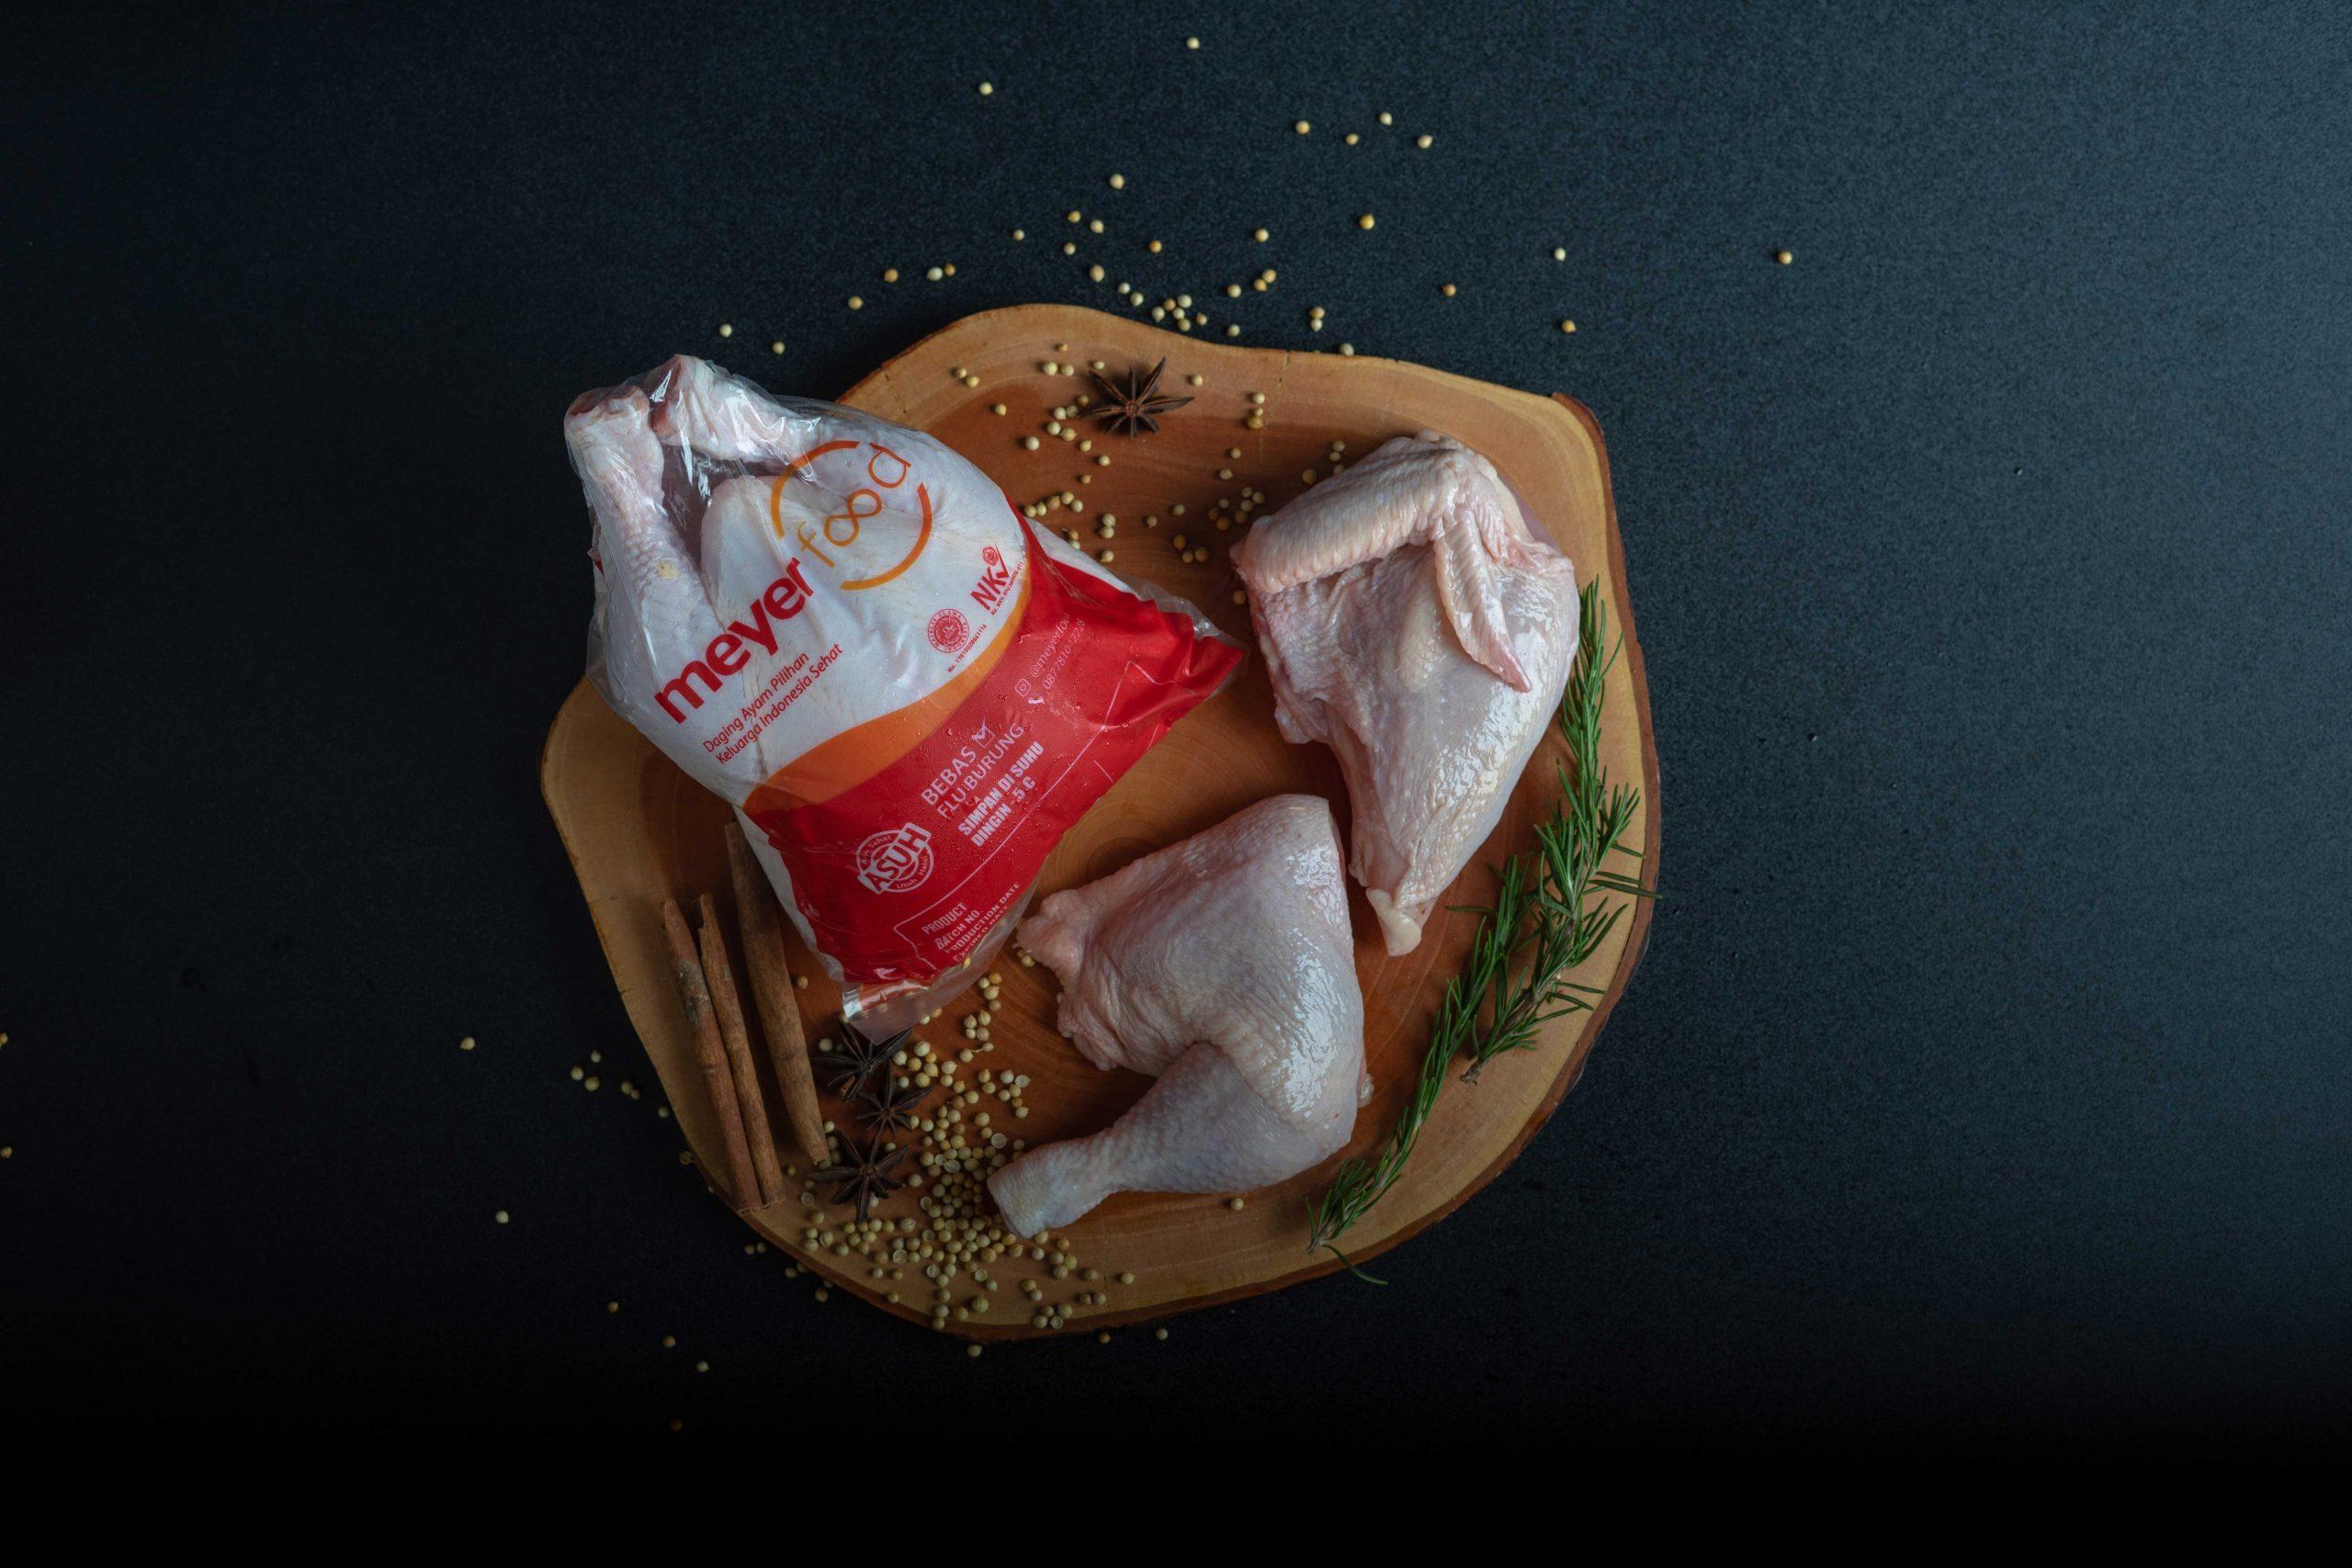 ayam meyerfood